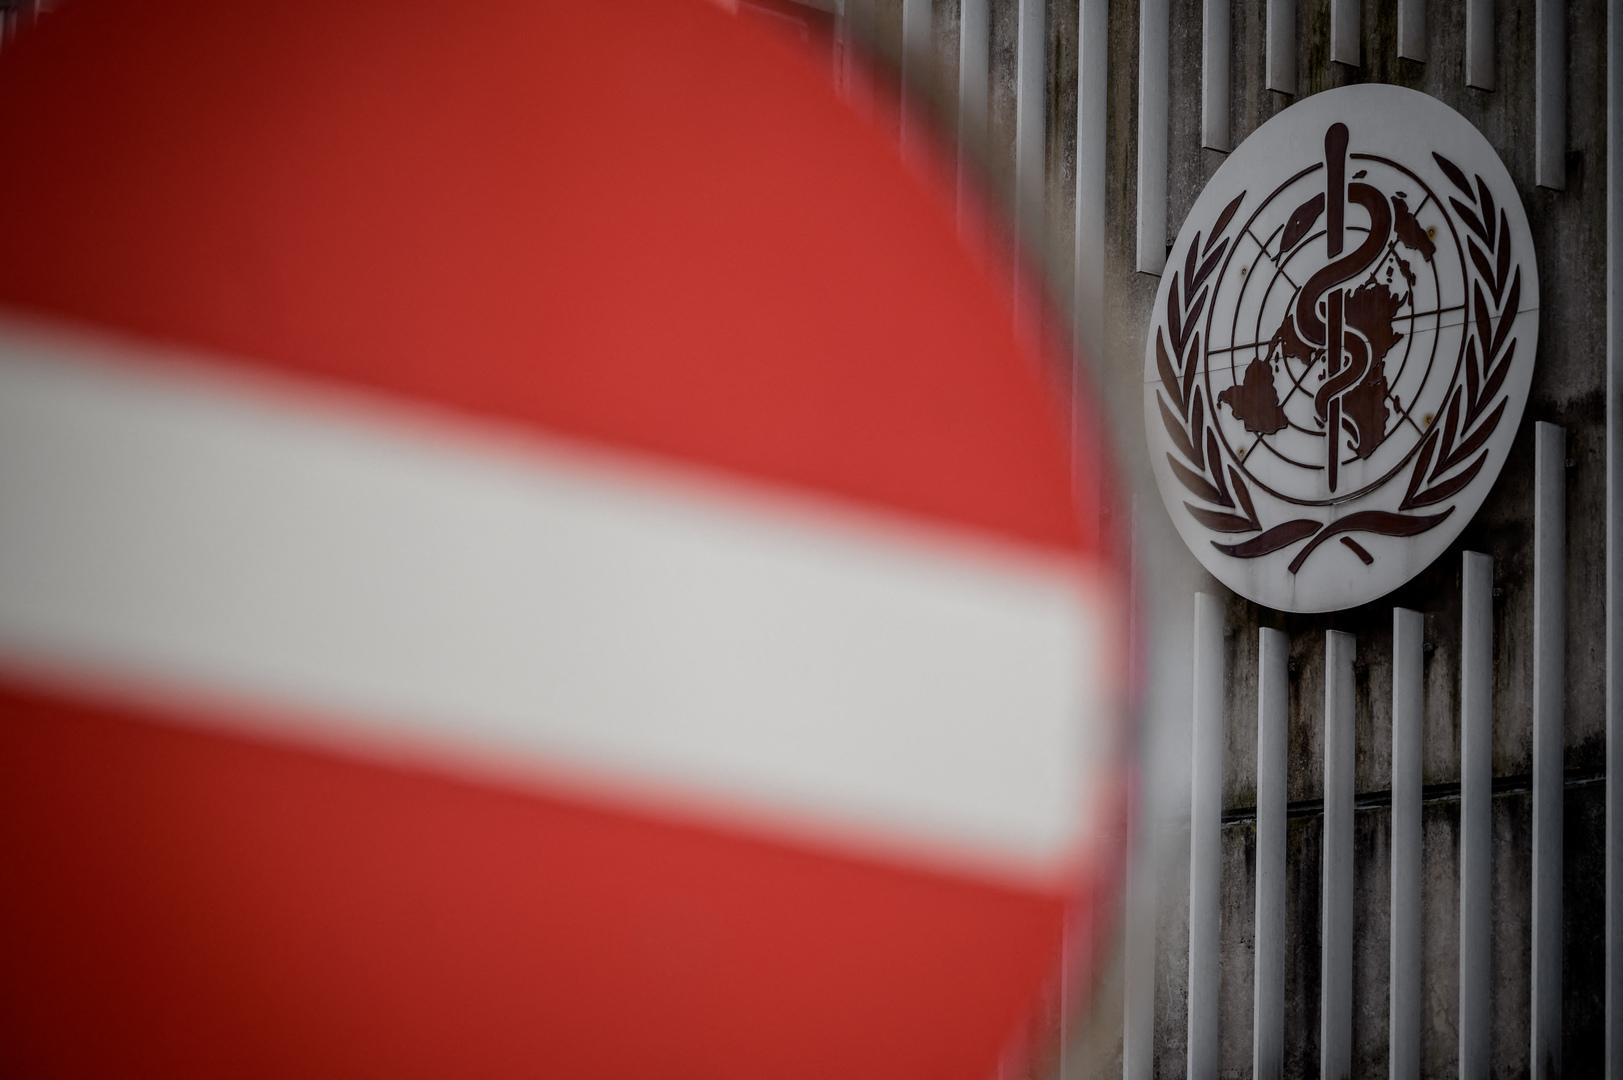 معدل الإصابة بفيروس كورونا في العالم يرتفع بنسبة 2% خلال أسبوع